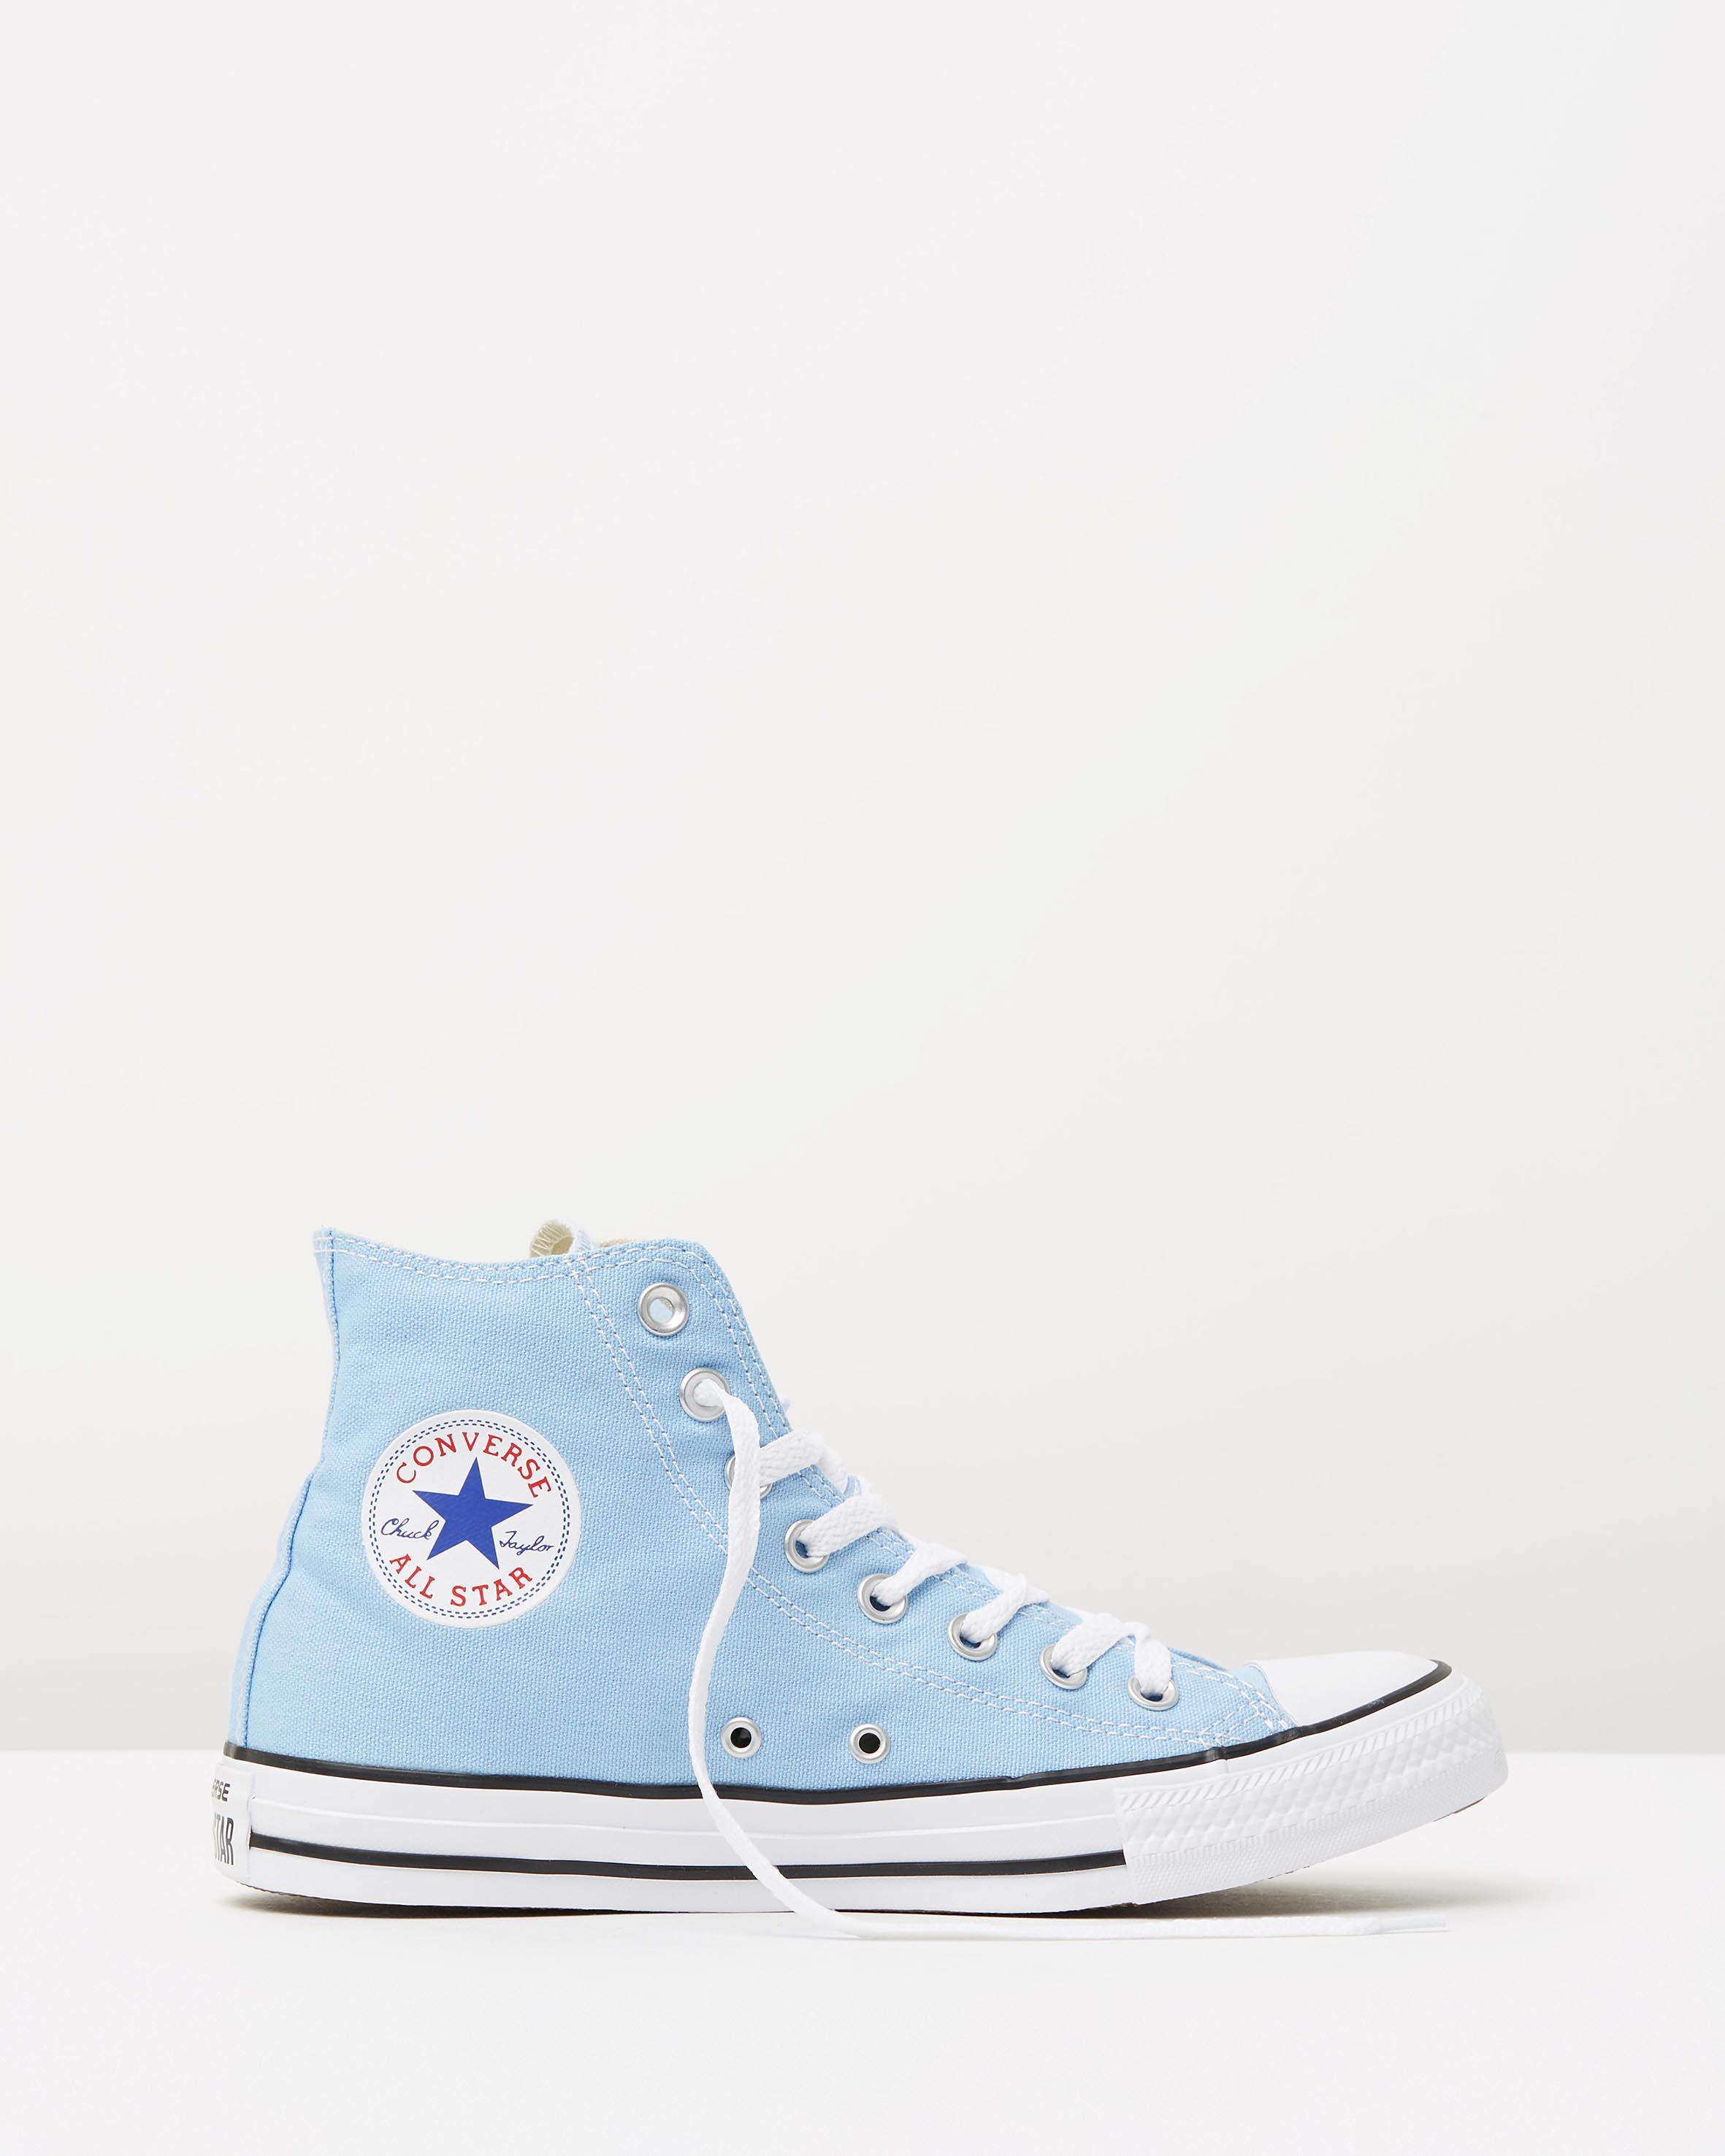 5c8192b4b55f Converse Chuck Taylor All Star Hi Womens Blue Sky 1 ...